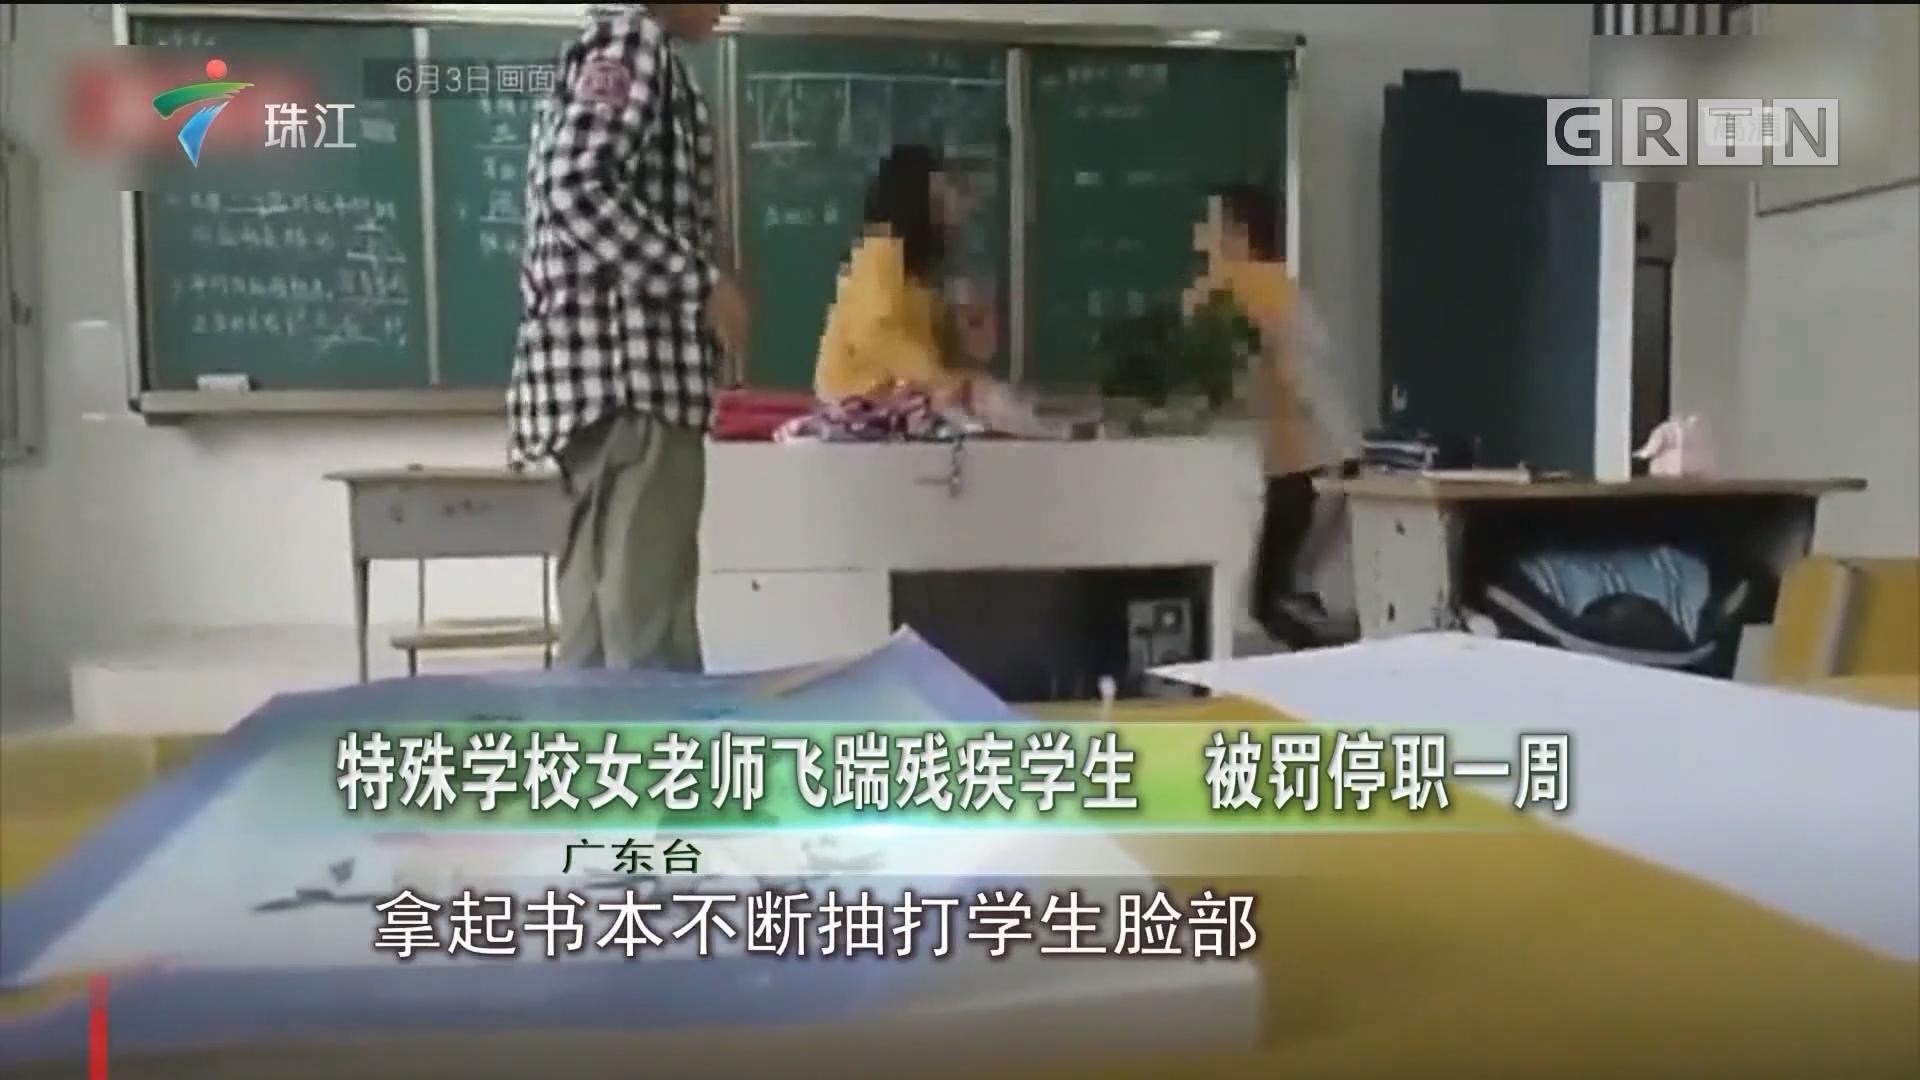 特殊学校女老师飞踹残疾学生 被罚停职一周